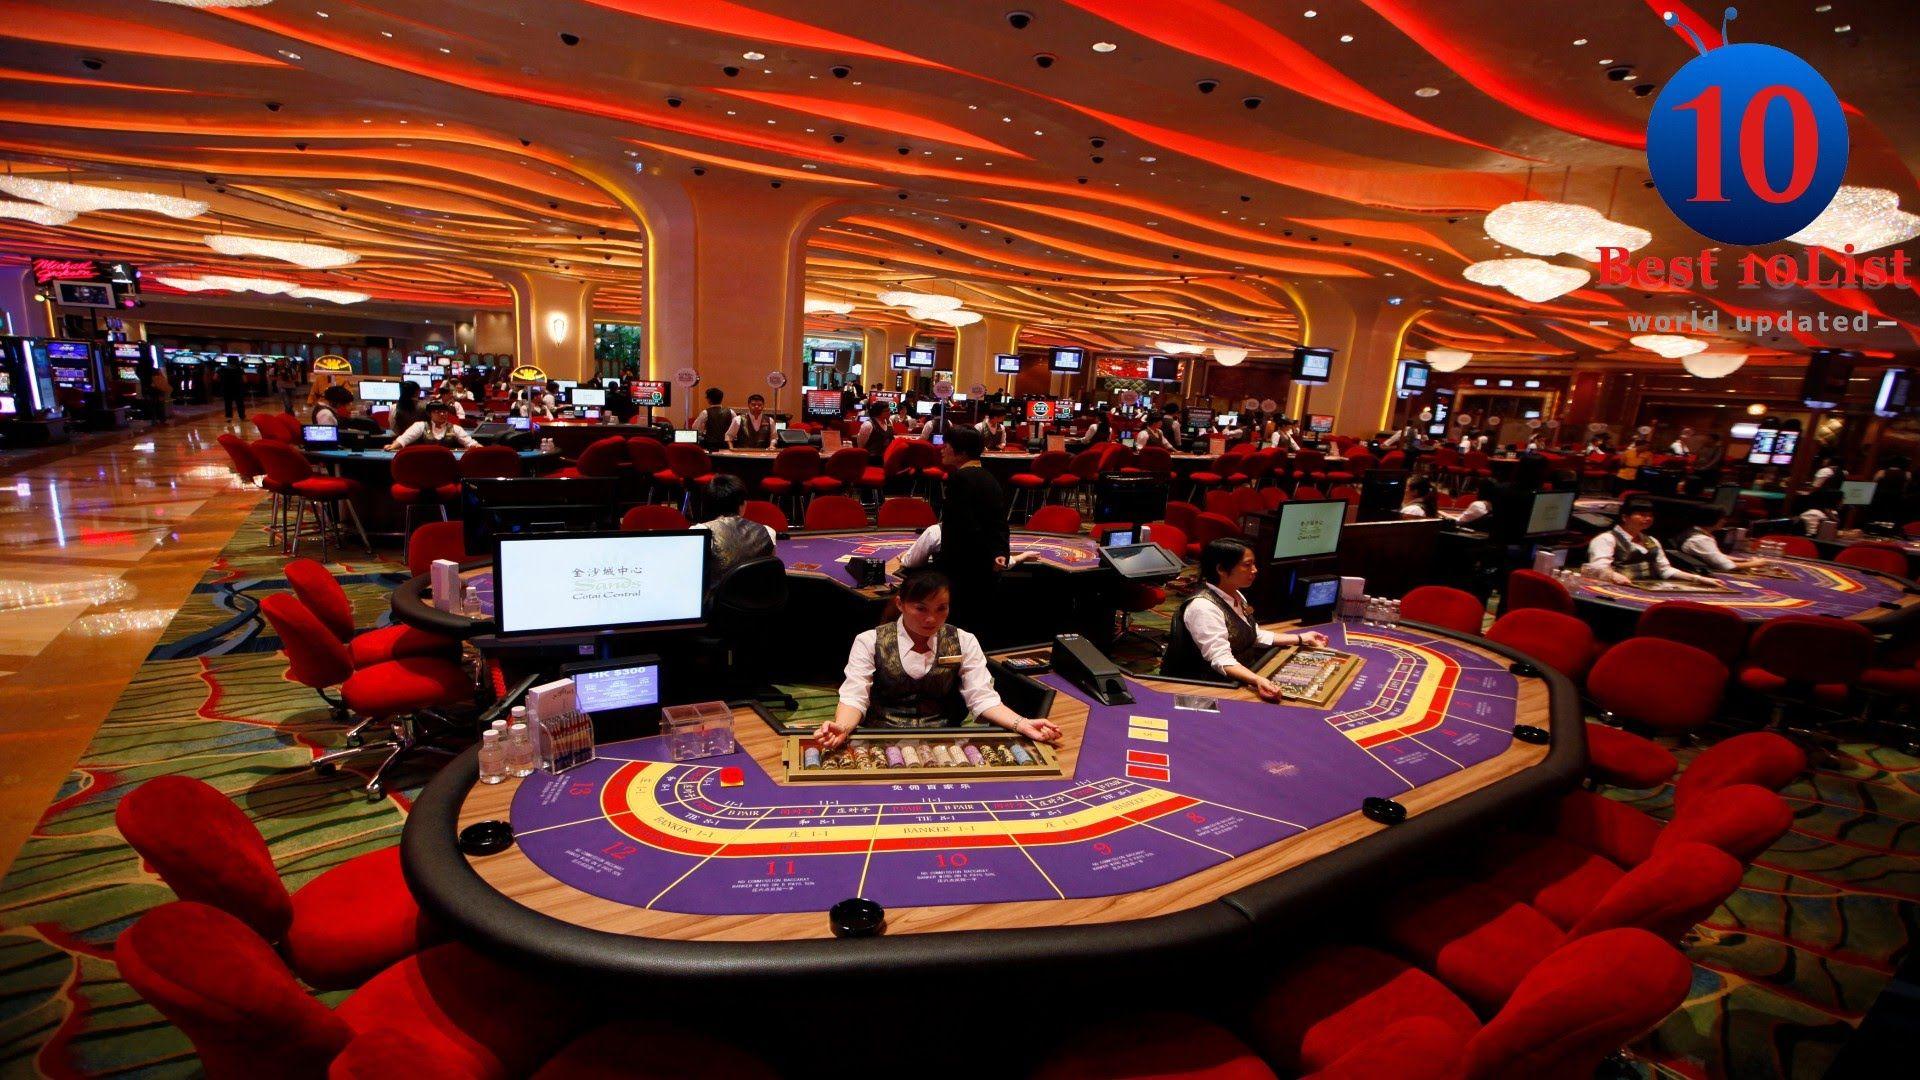 juegos de casino gratis en linea sin registrarse